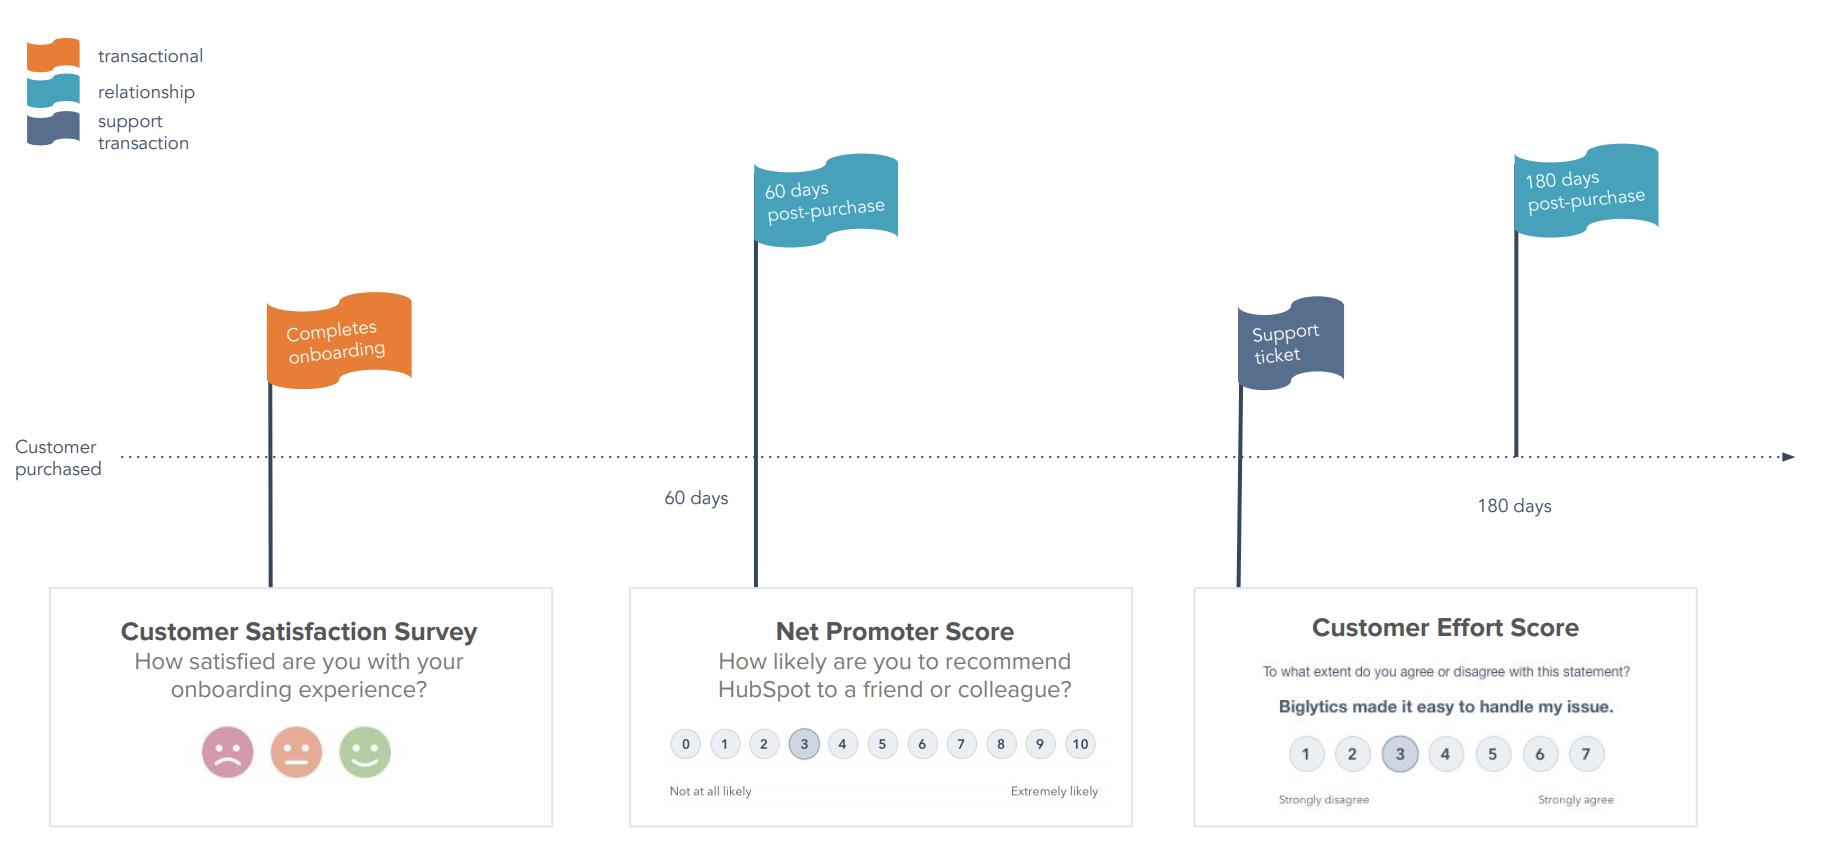 een weergave van wanneer er gebruik moet worden gemaakt van een CSS, wanneer van de NPS en wanneer van de CES